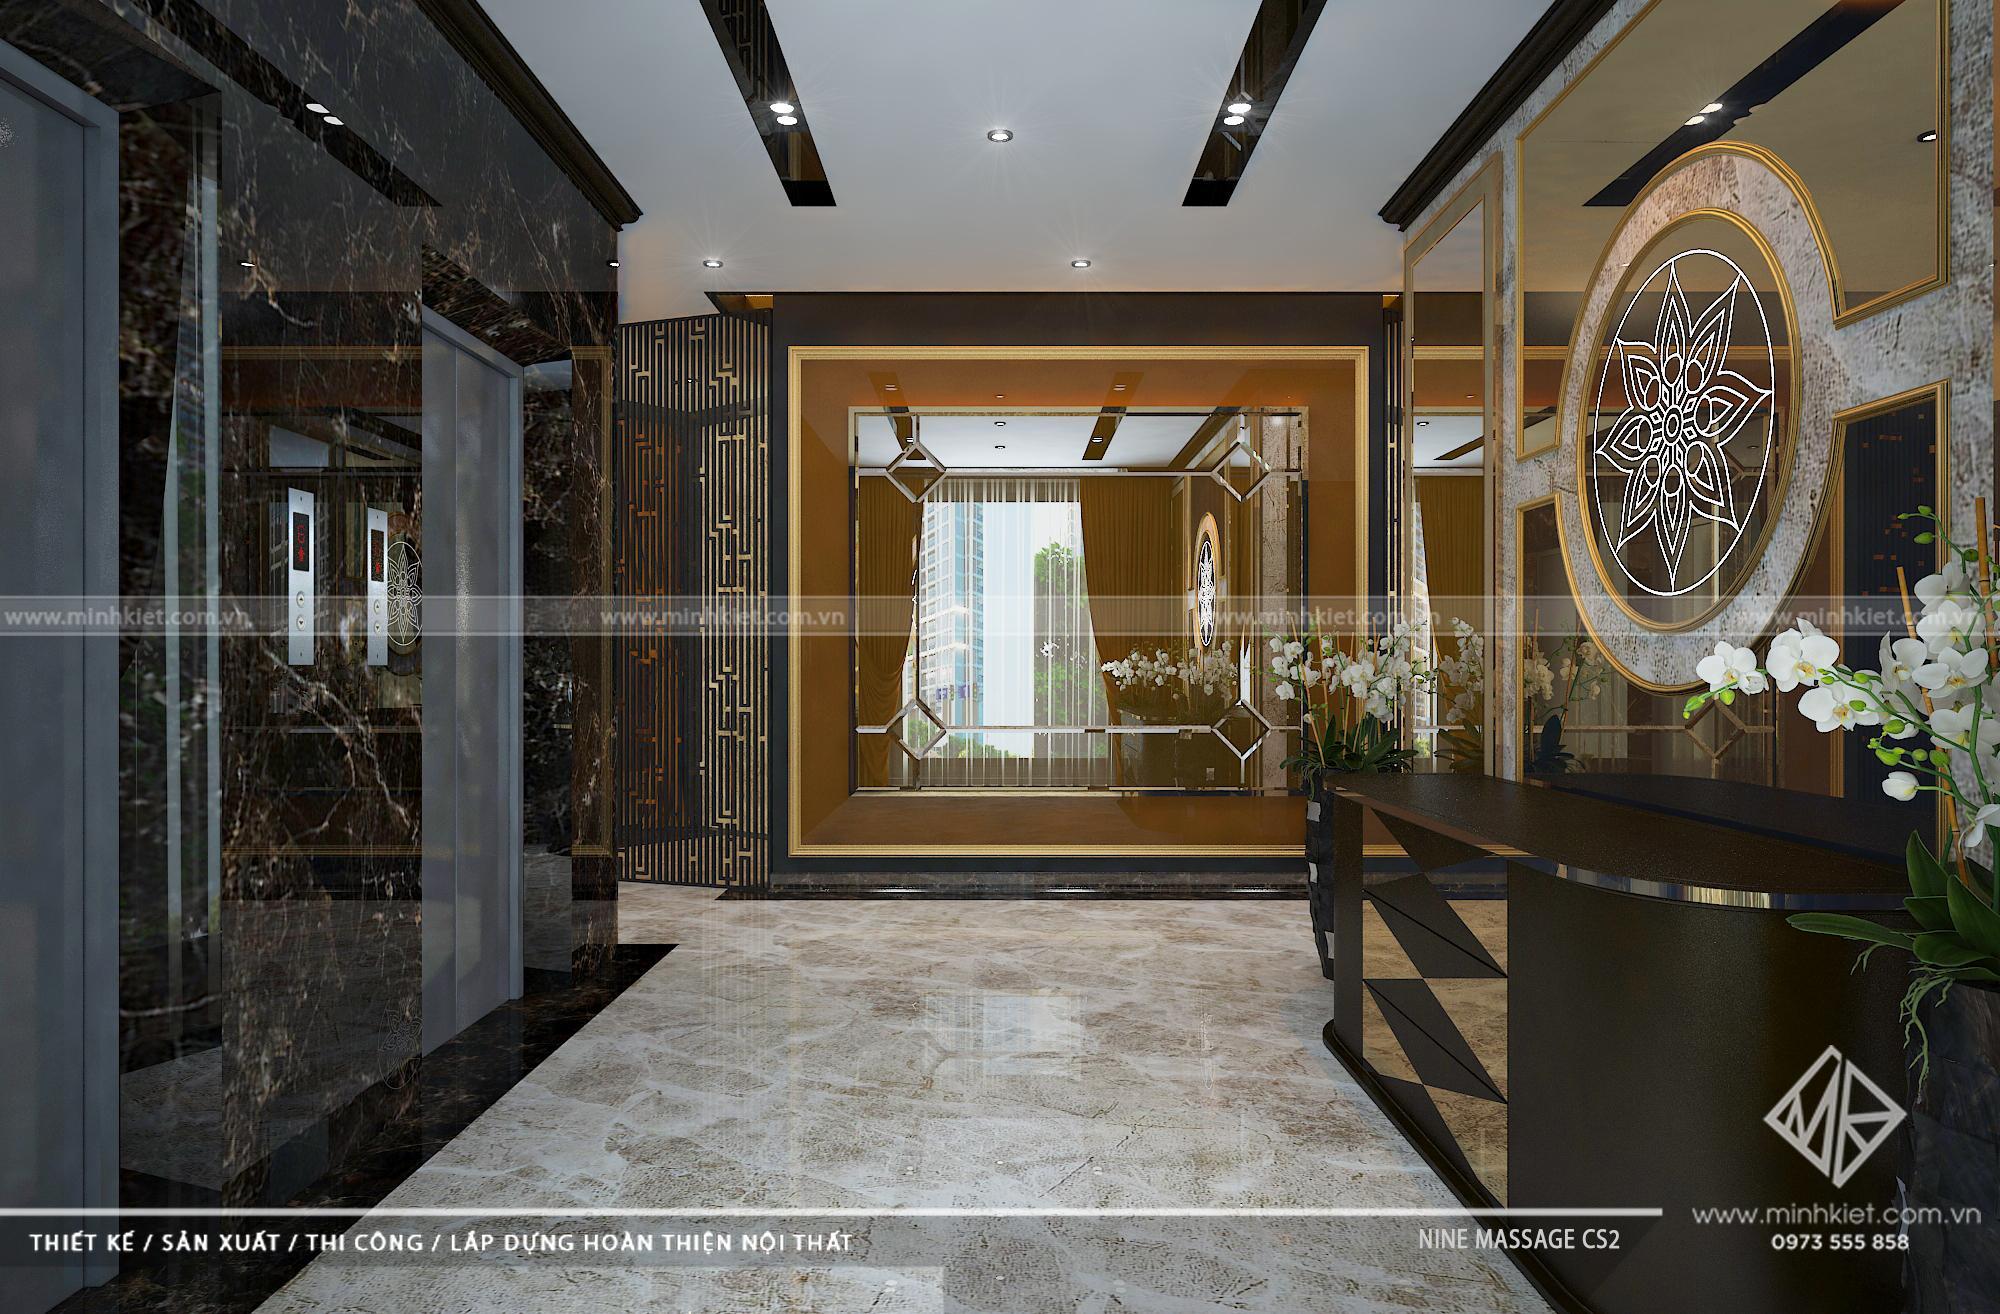 Thiết kế sảnh massage Nine cơ sở 2 - Mẫu thiết kế Spa Massage Luxury